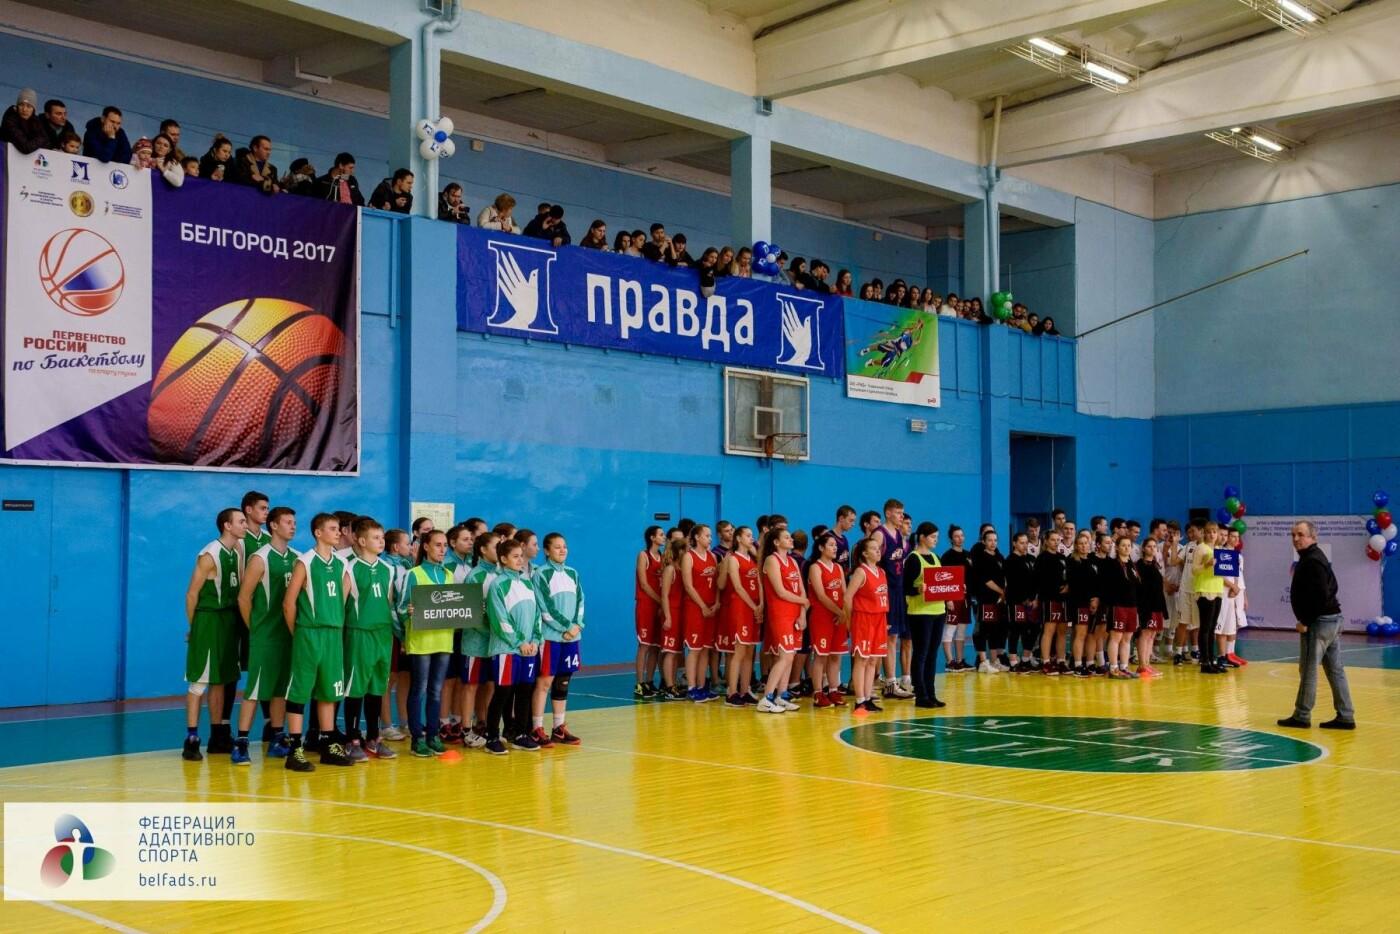 В Белгороде завершилось Первенство России по баскетболу среди глухих, фото-13